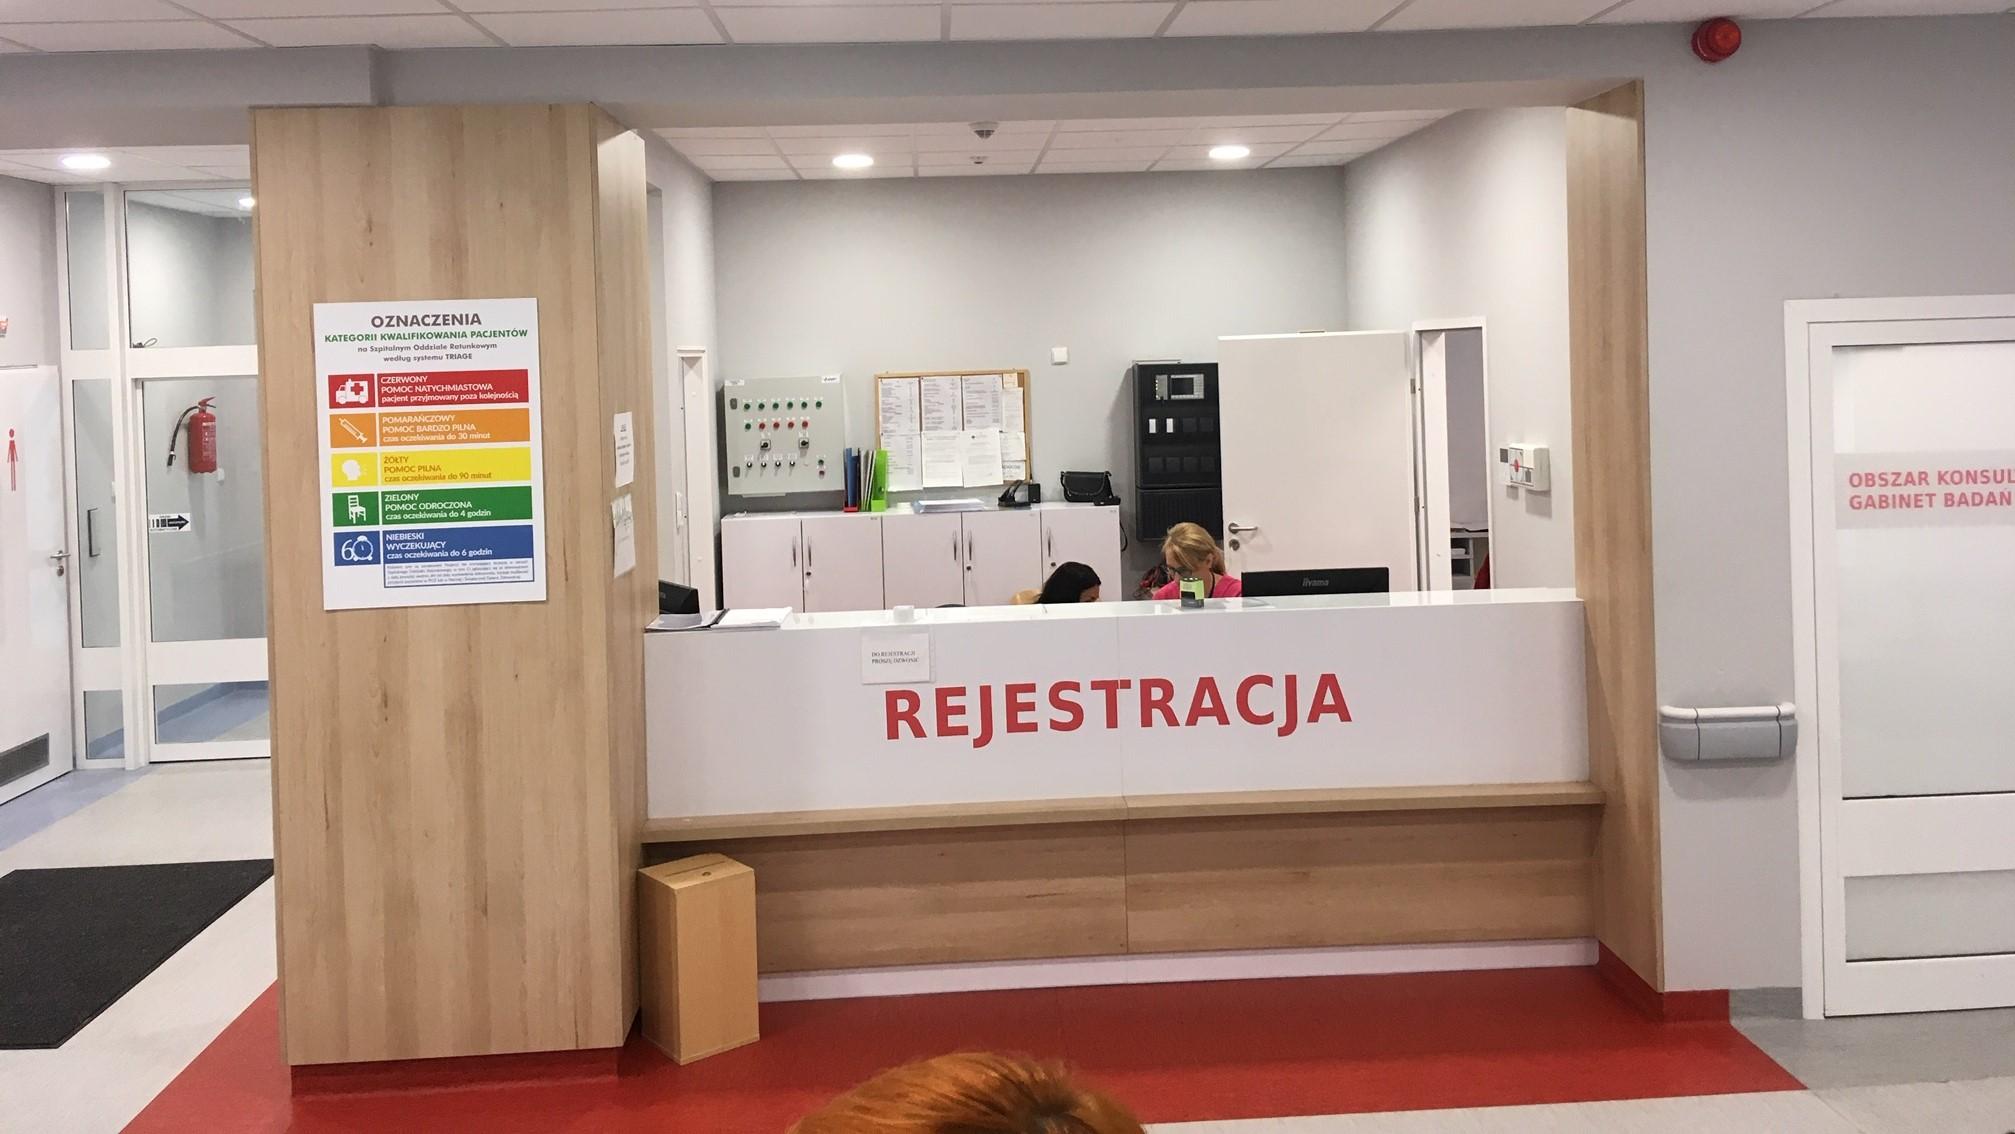 szpital odnowiony sor gniezno - Rafał Muniak